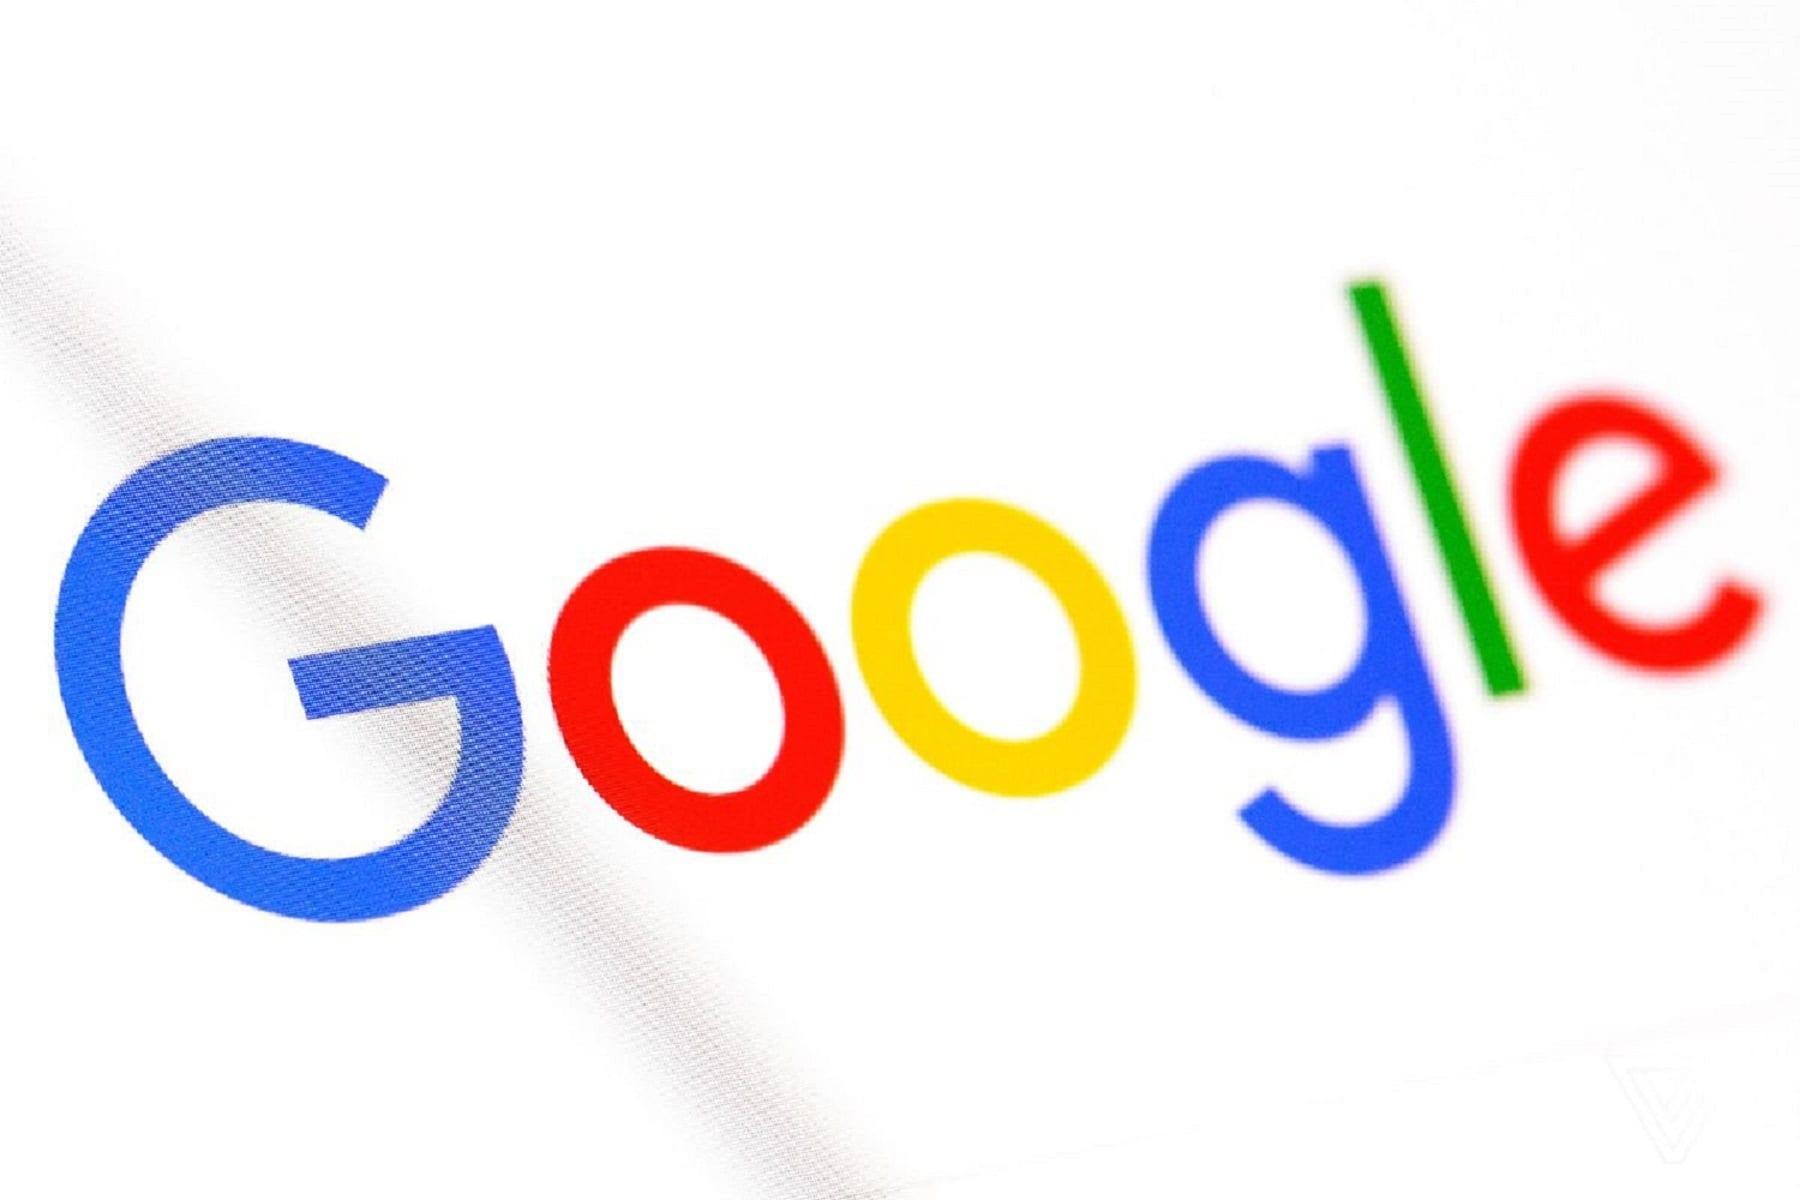 Еще одно мероприятие стало жертвой коронавируса: Google отменила свою конференцию I/O